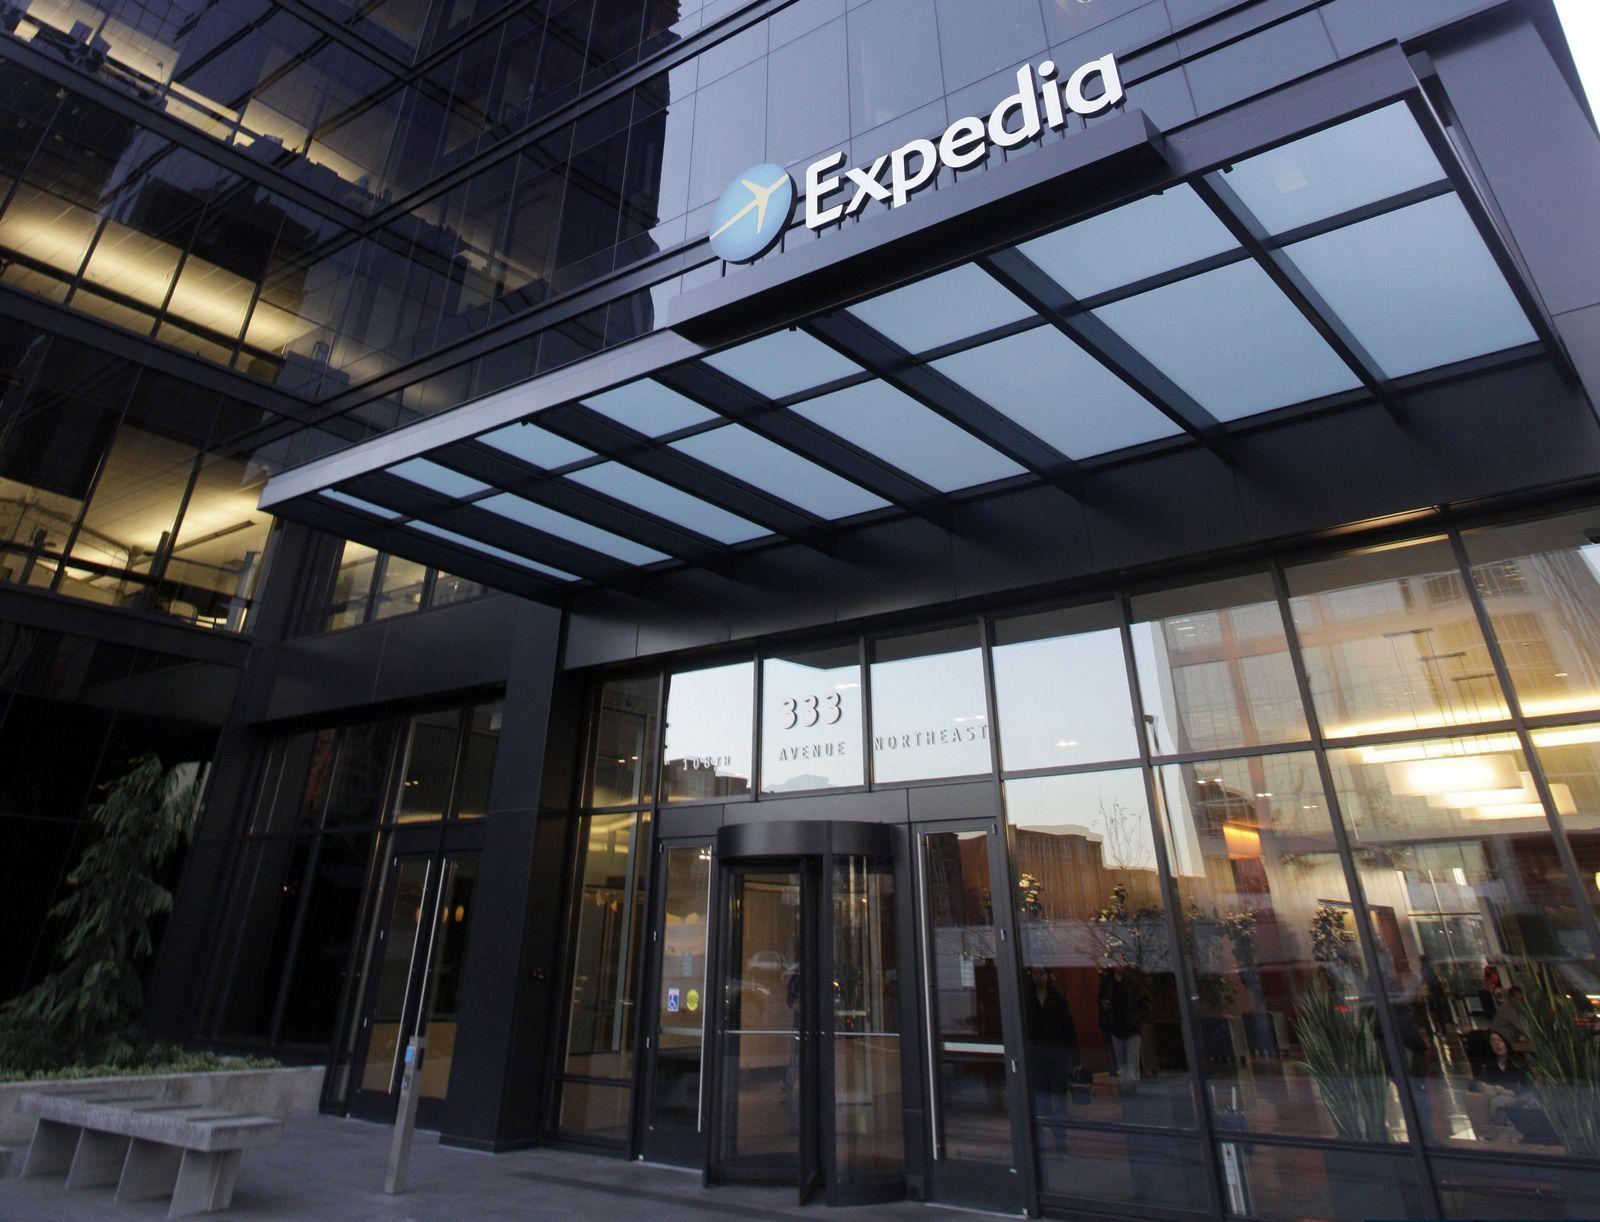 Expedia-Cuba Sanctions